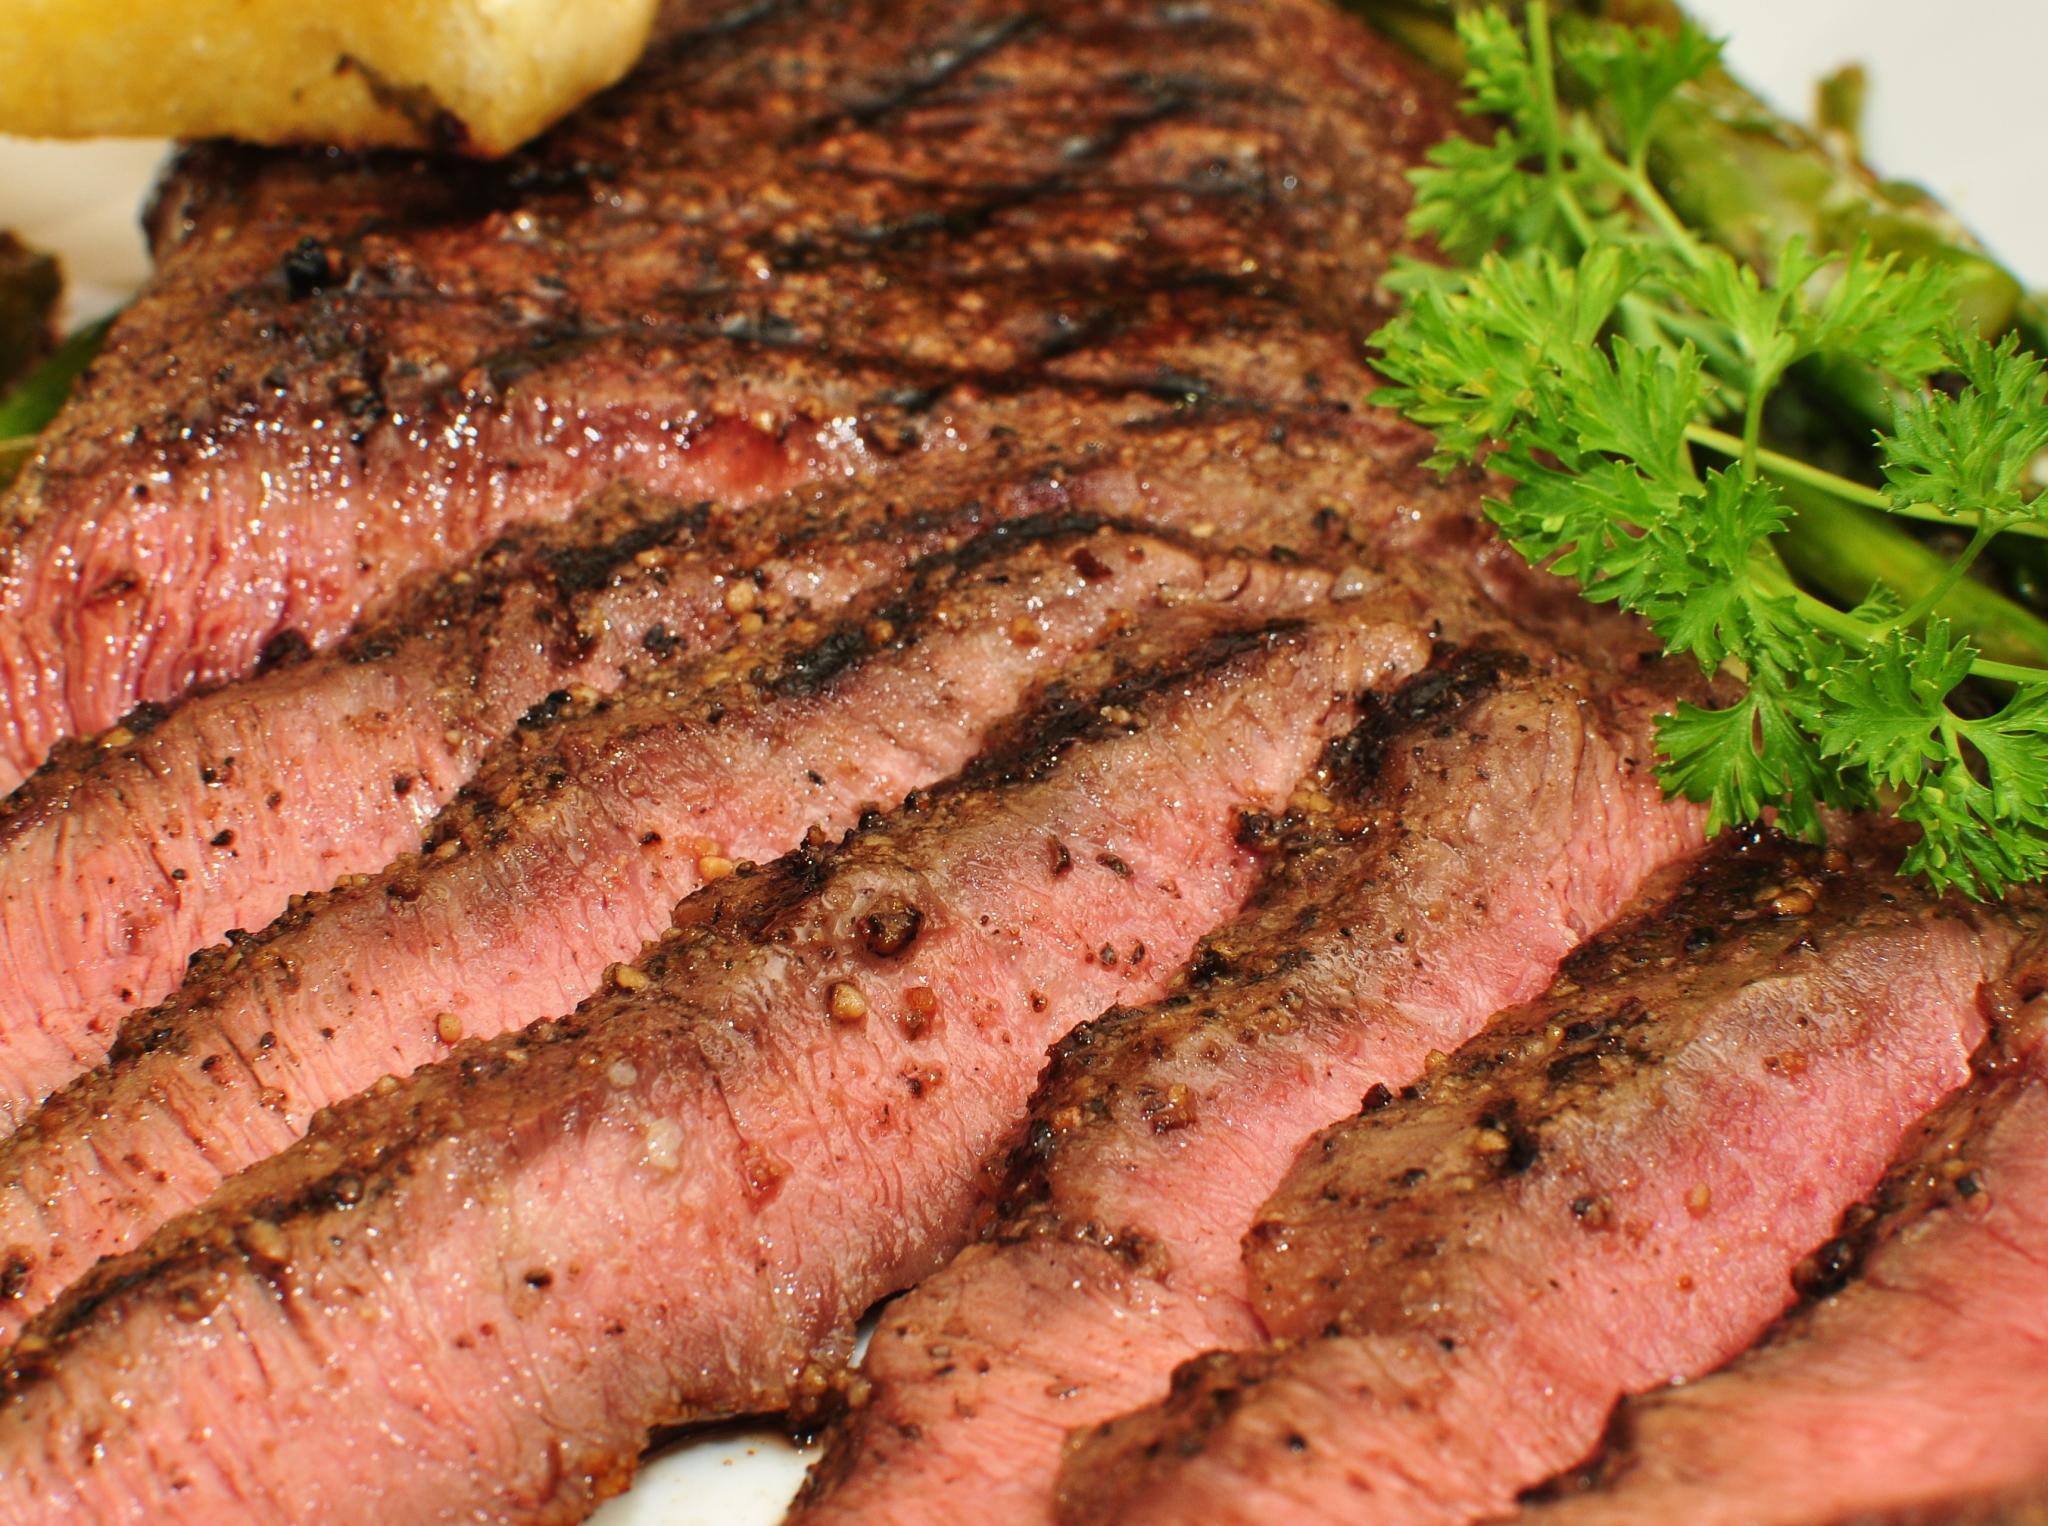 Grilled Flat Iron Steak | © jeffreyw/Flickr